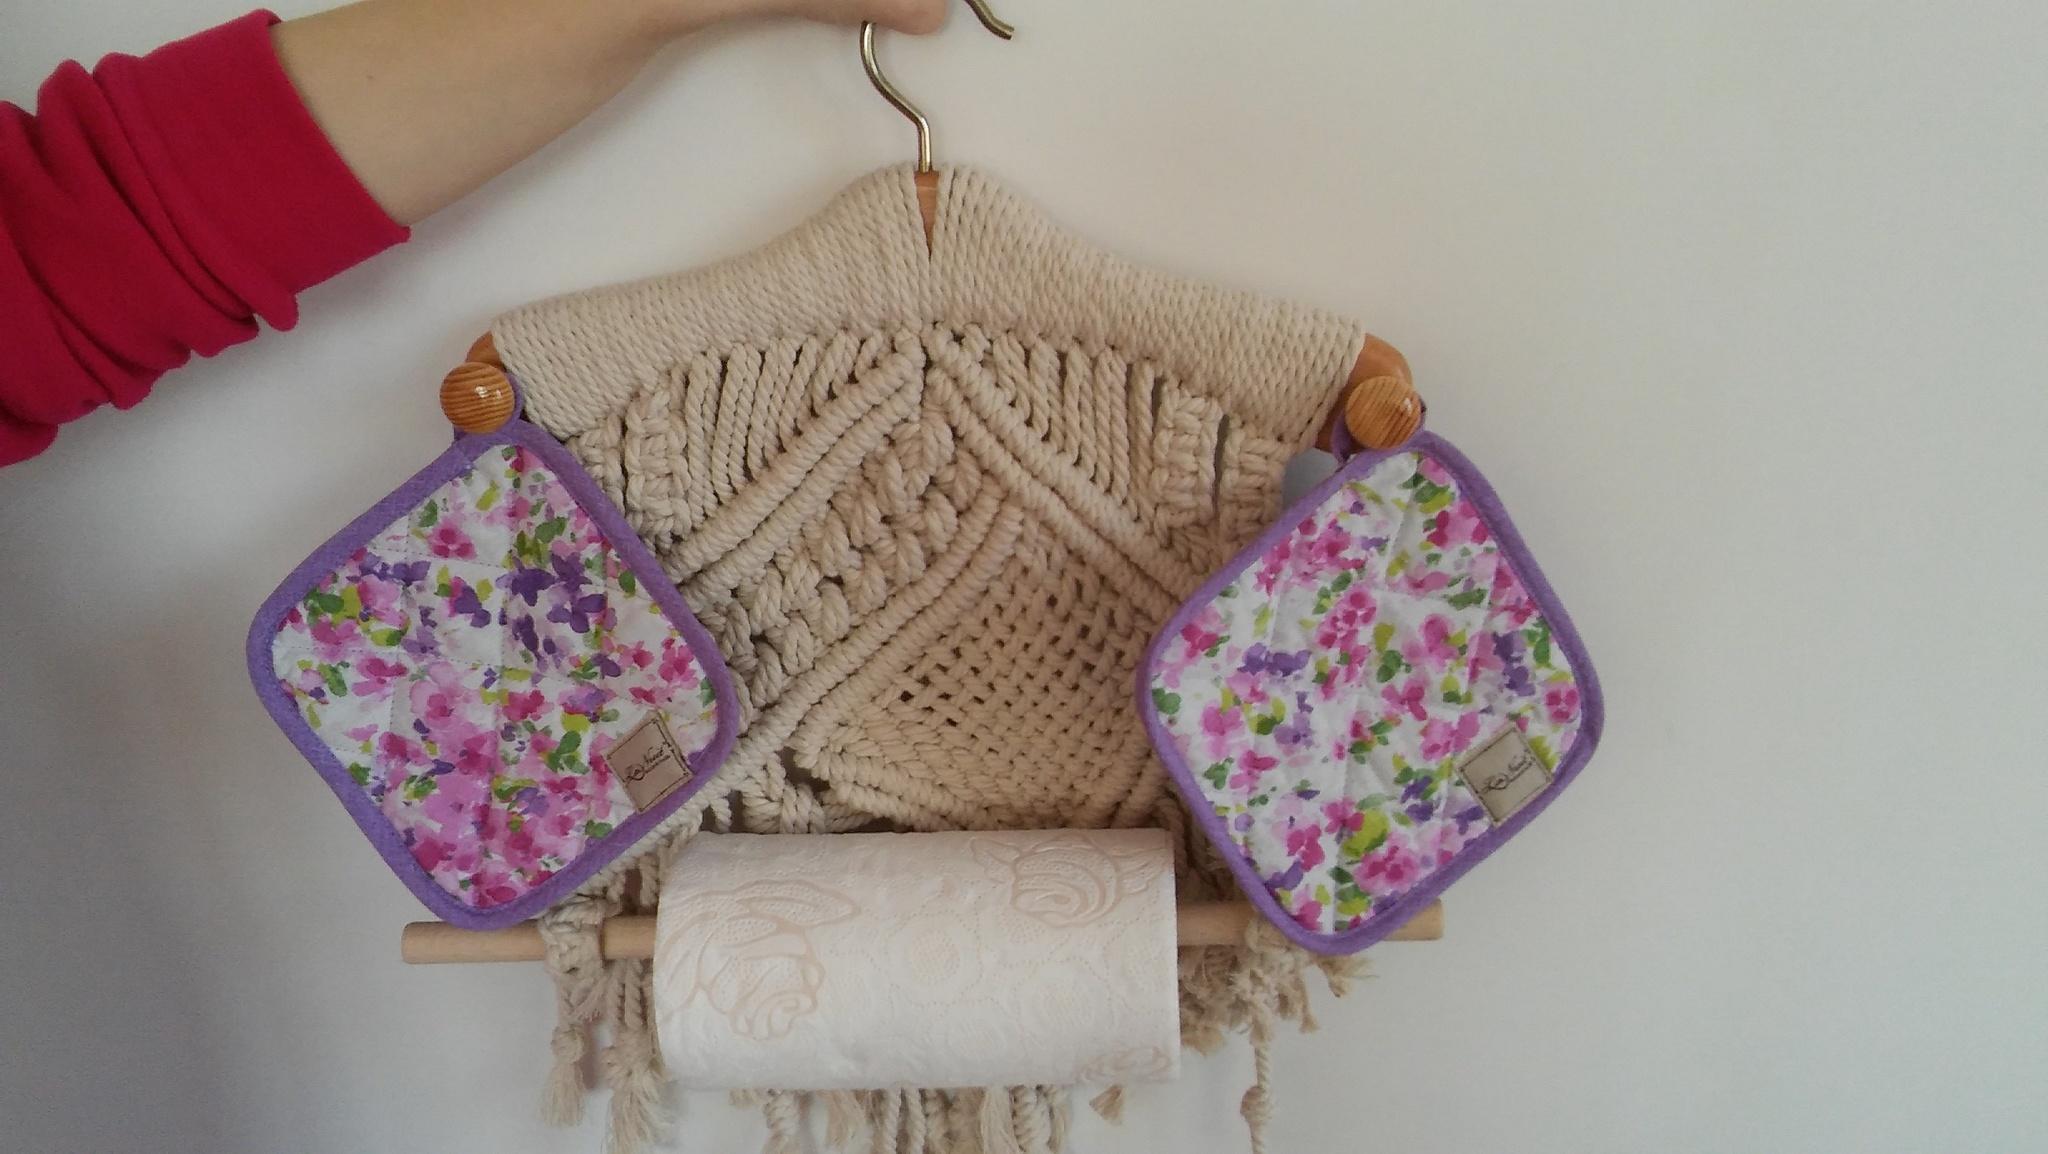 Макраме: схемы правильного плетения для начинающих. 85 фото-идей от мастеров